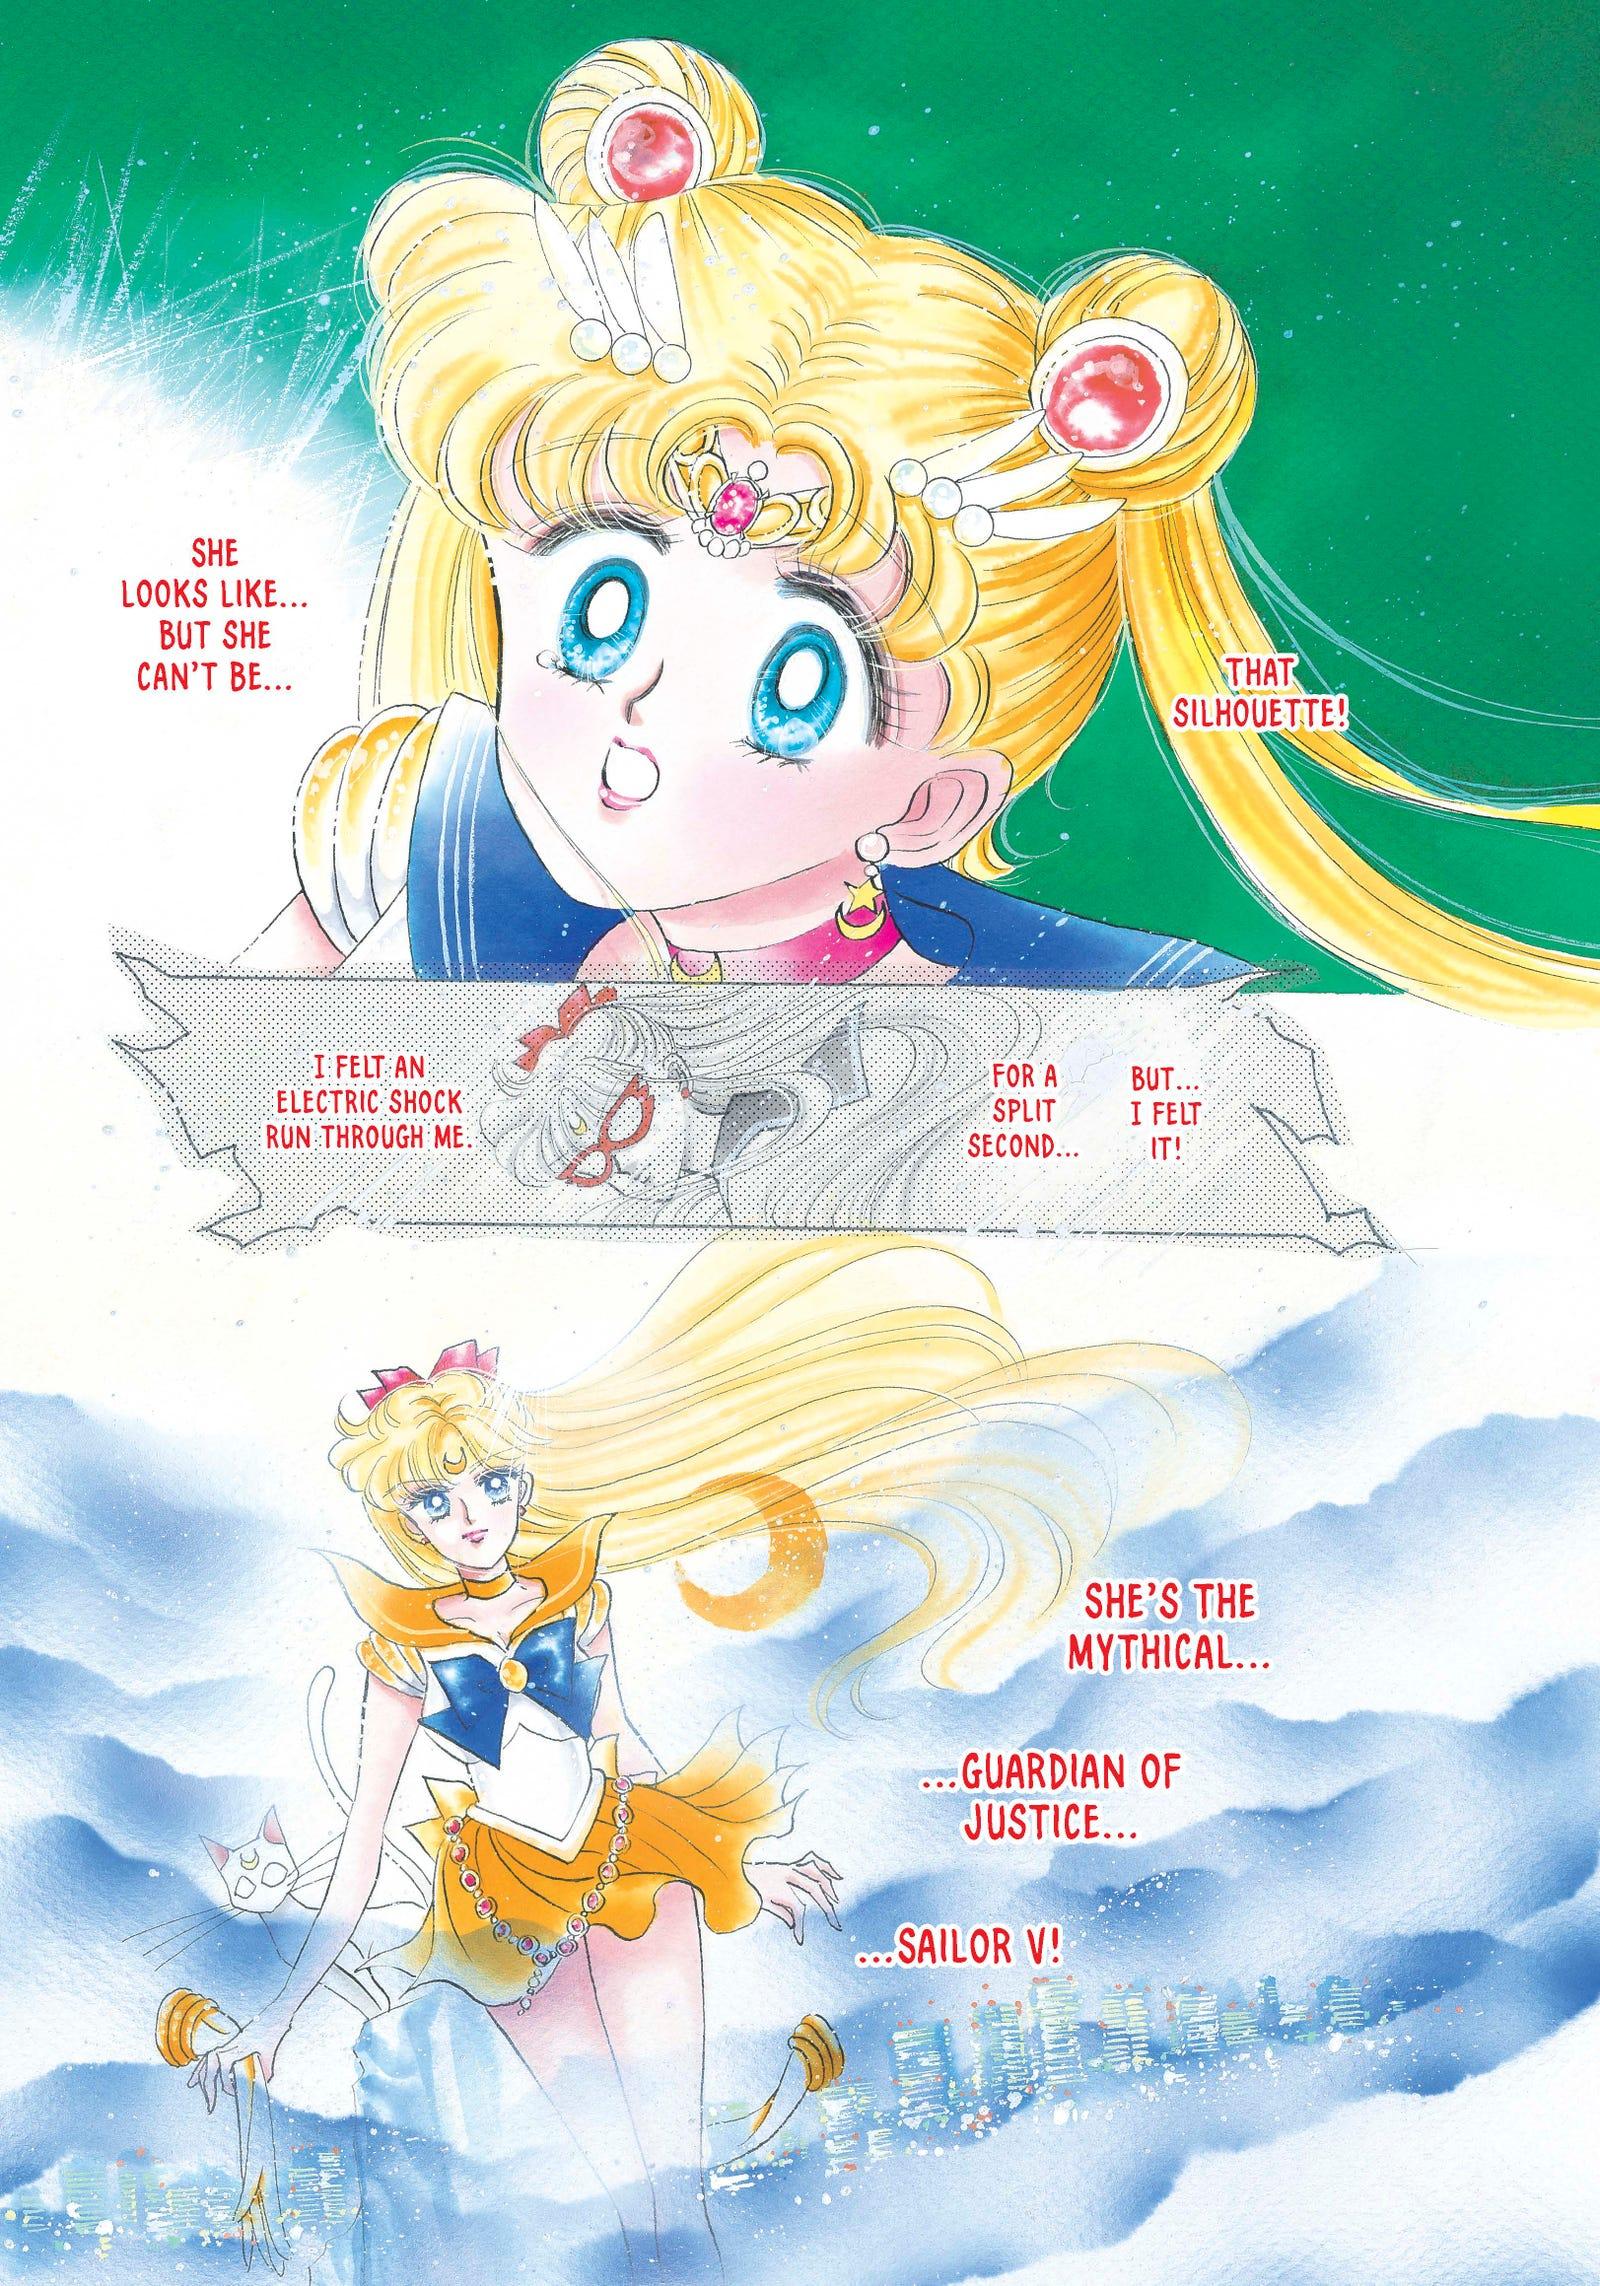 Sailor Moon ©Naoko Takeuchi/Kodansha, Ltd.